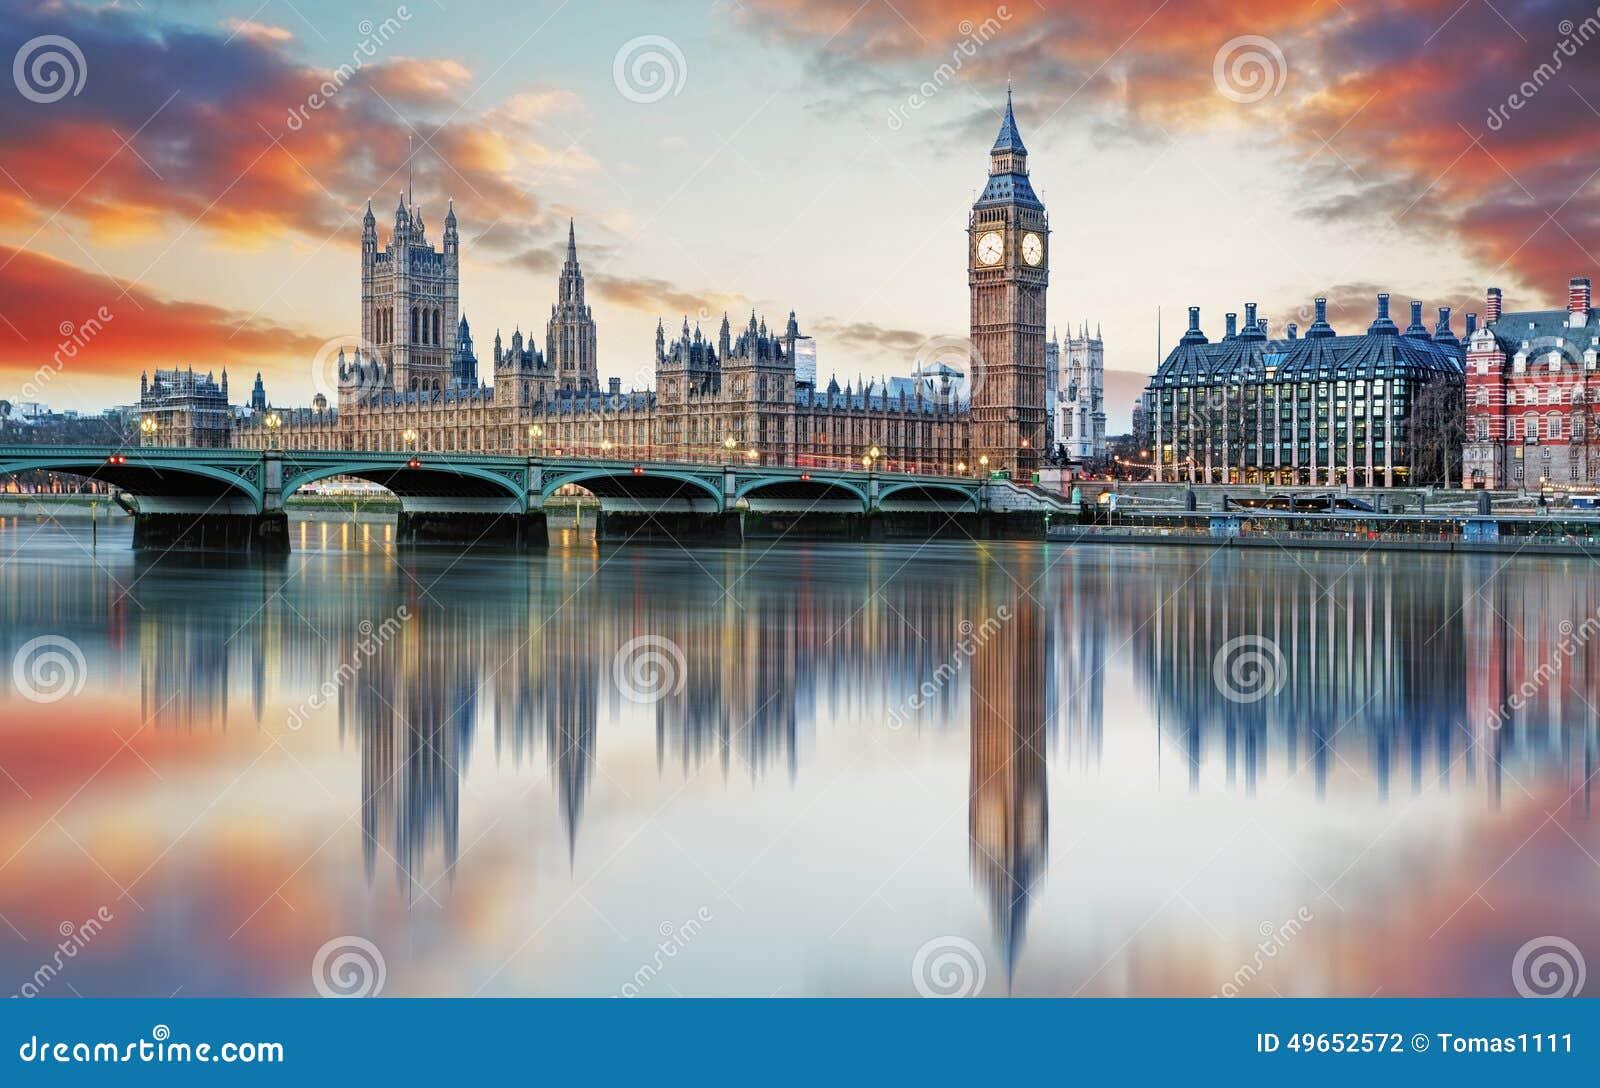 Лондон - большой ben и парламент Великобритании, Великобритания